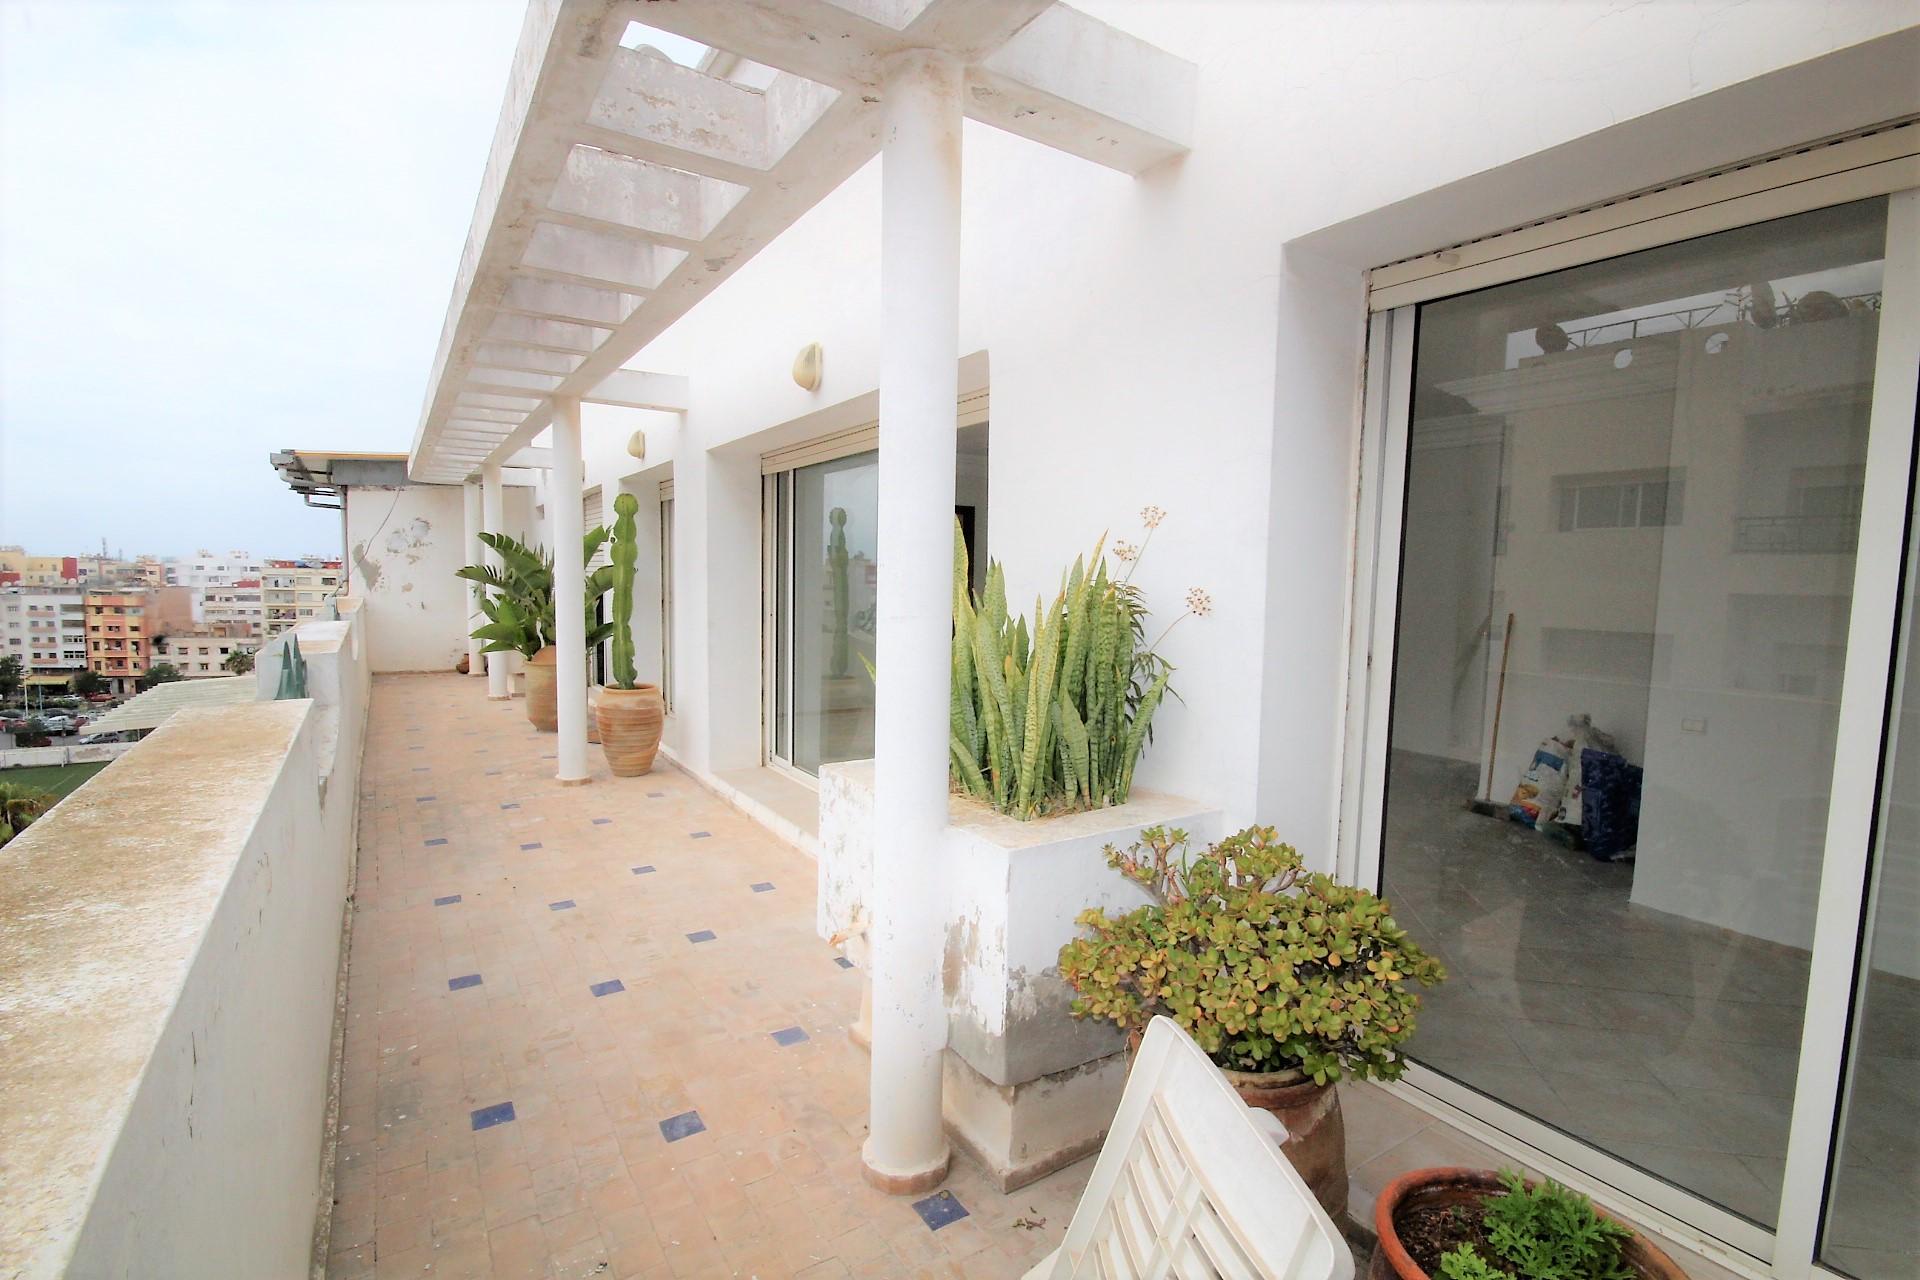 Maroc, Casablanca, Bourgogne, loue appartement 3 chambres avec terrasse